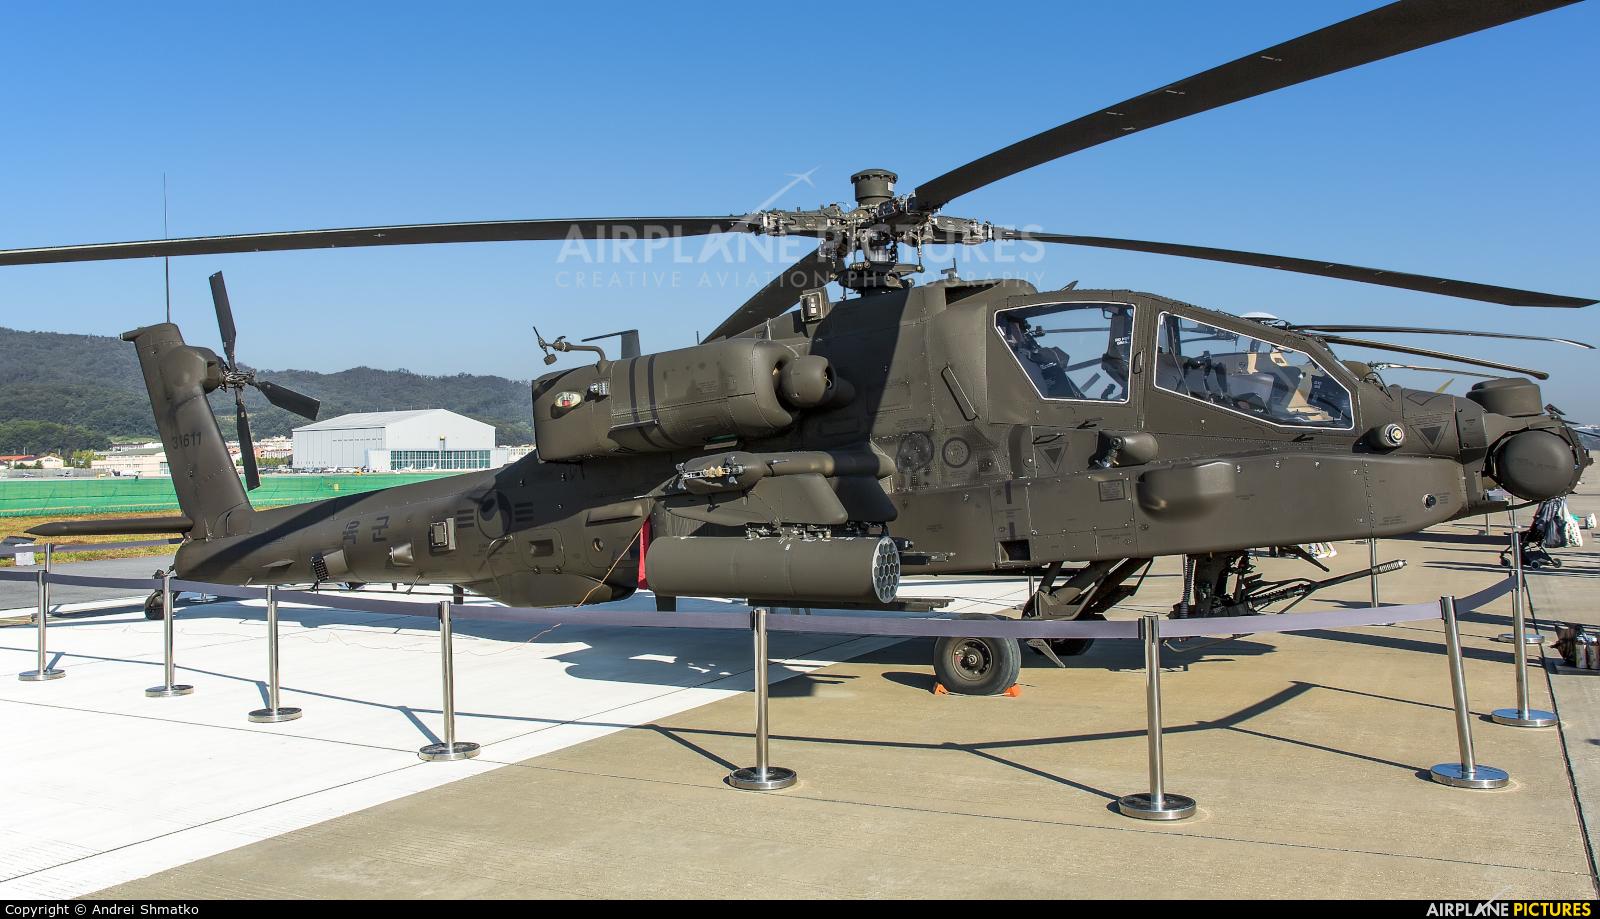 South Korea - Army 13-01611 aircraft at Seongnam AB